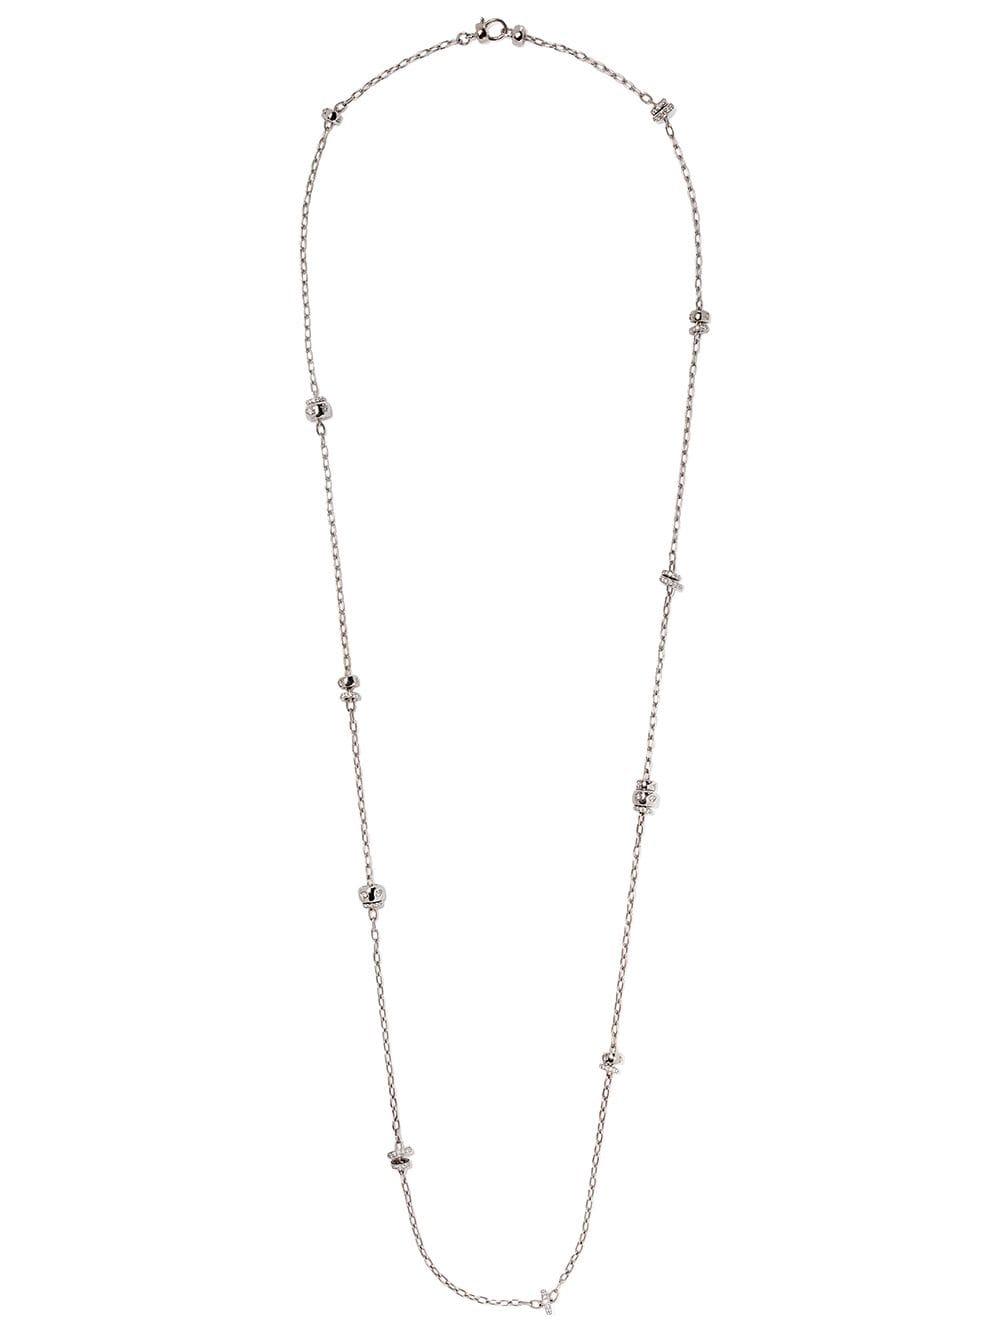 Pomellato 18kt White Gold Iconica Diamond Sautoir Necklace Throughout Latest White Gold Diamond Sautoir Necklaces (View 20 of 25)